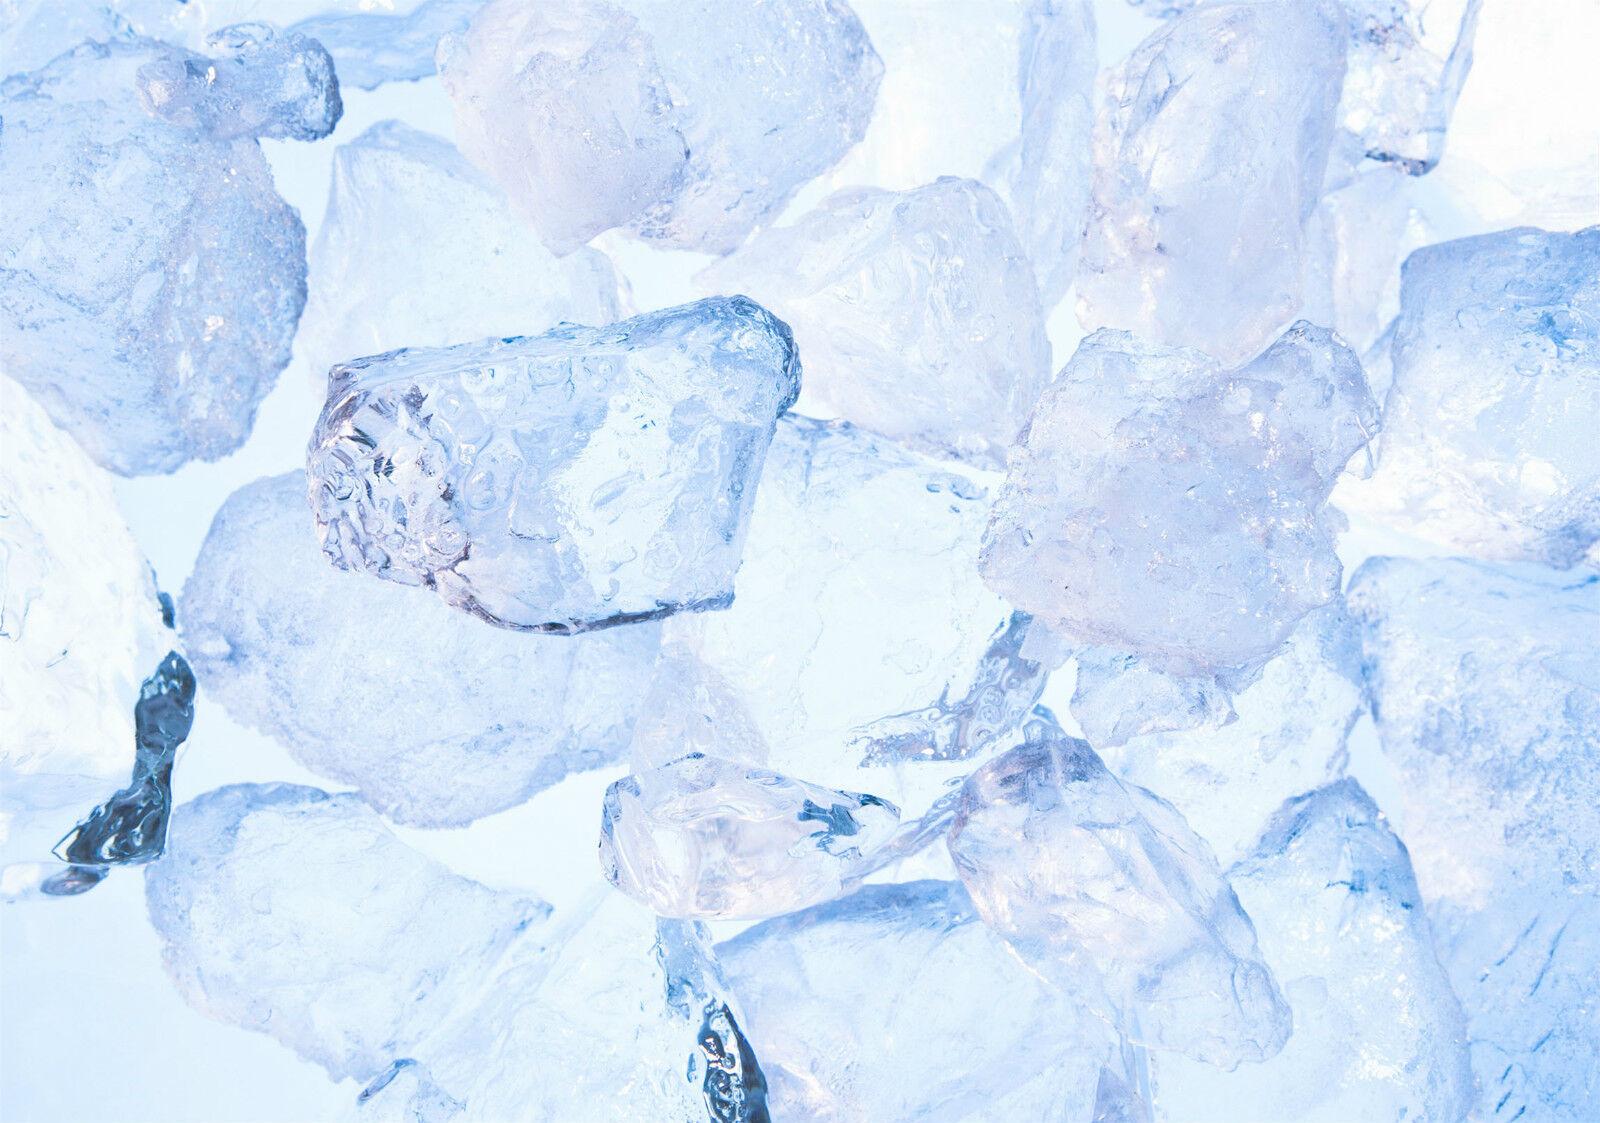 3D Transparente Transparente Transparente Glace Bloc Décor Mural Murale De Mur De Cuisine AJ WALLPAPER FR   Belle Et Charmante  ad093b